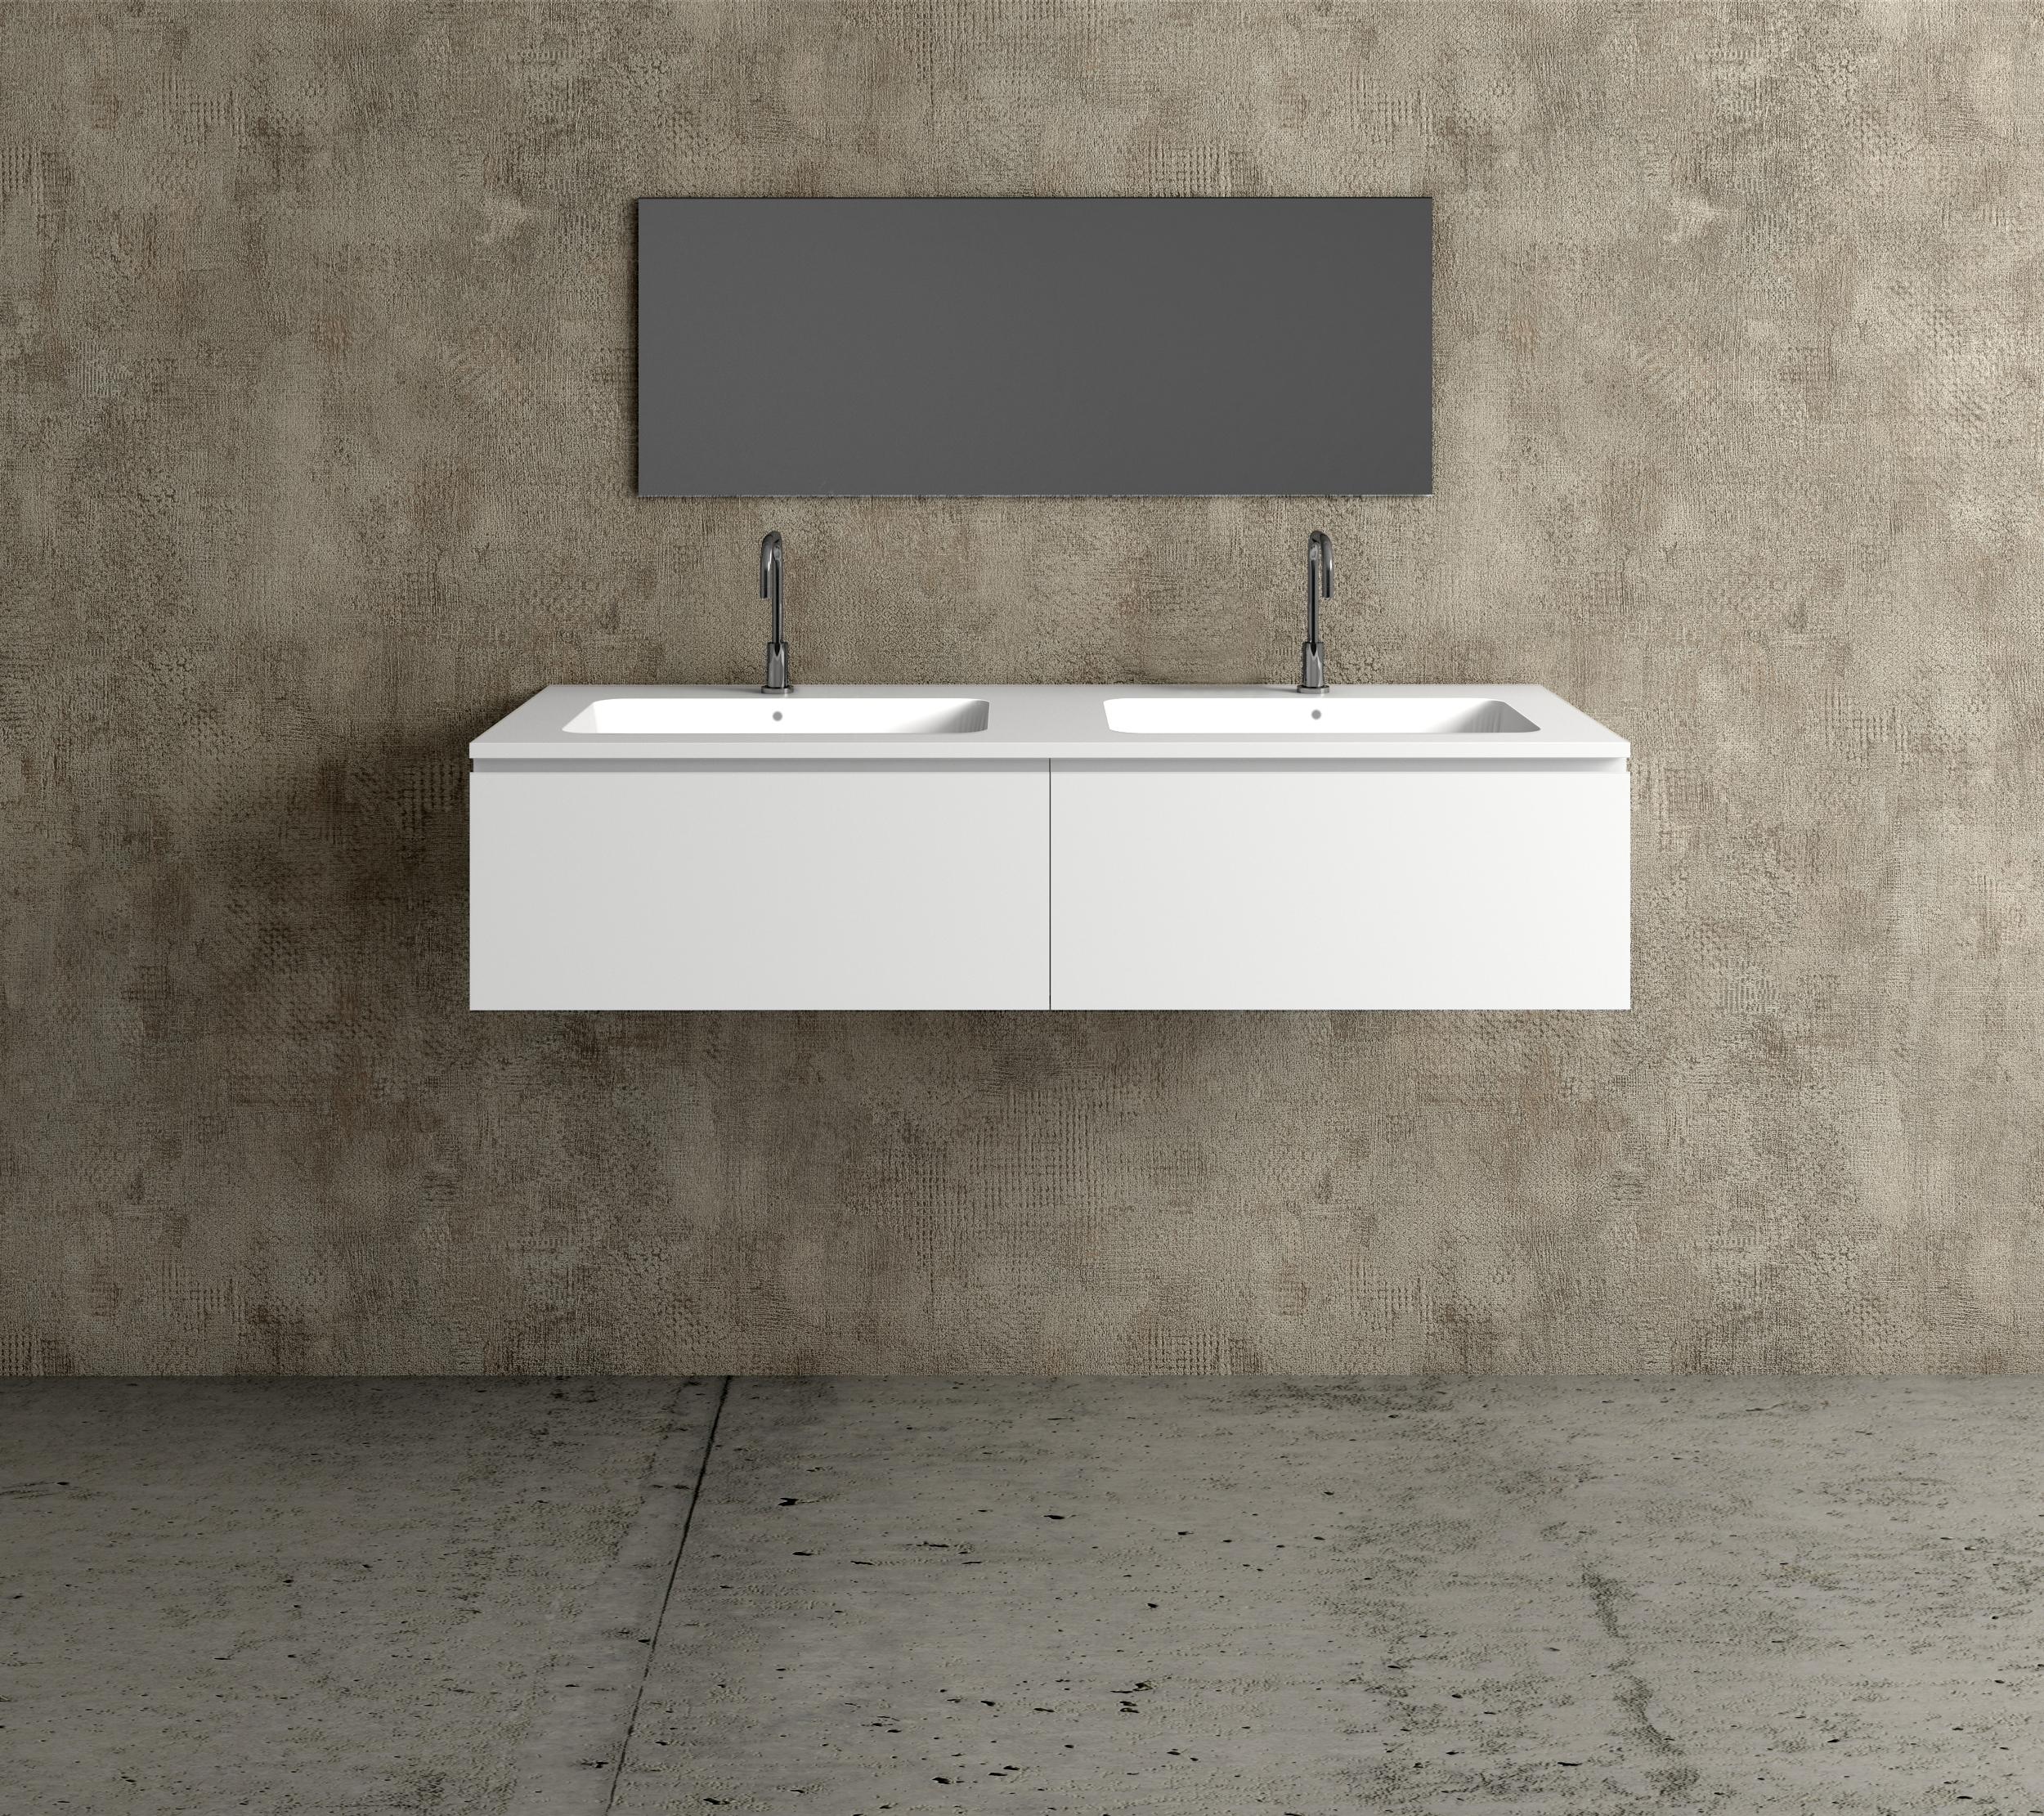 Mueble De Mdf A Medida Con 2 Cajones Consecutivos 2 Lavabos De Diseño Corian M505